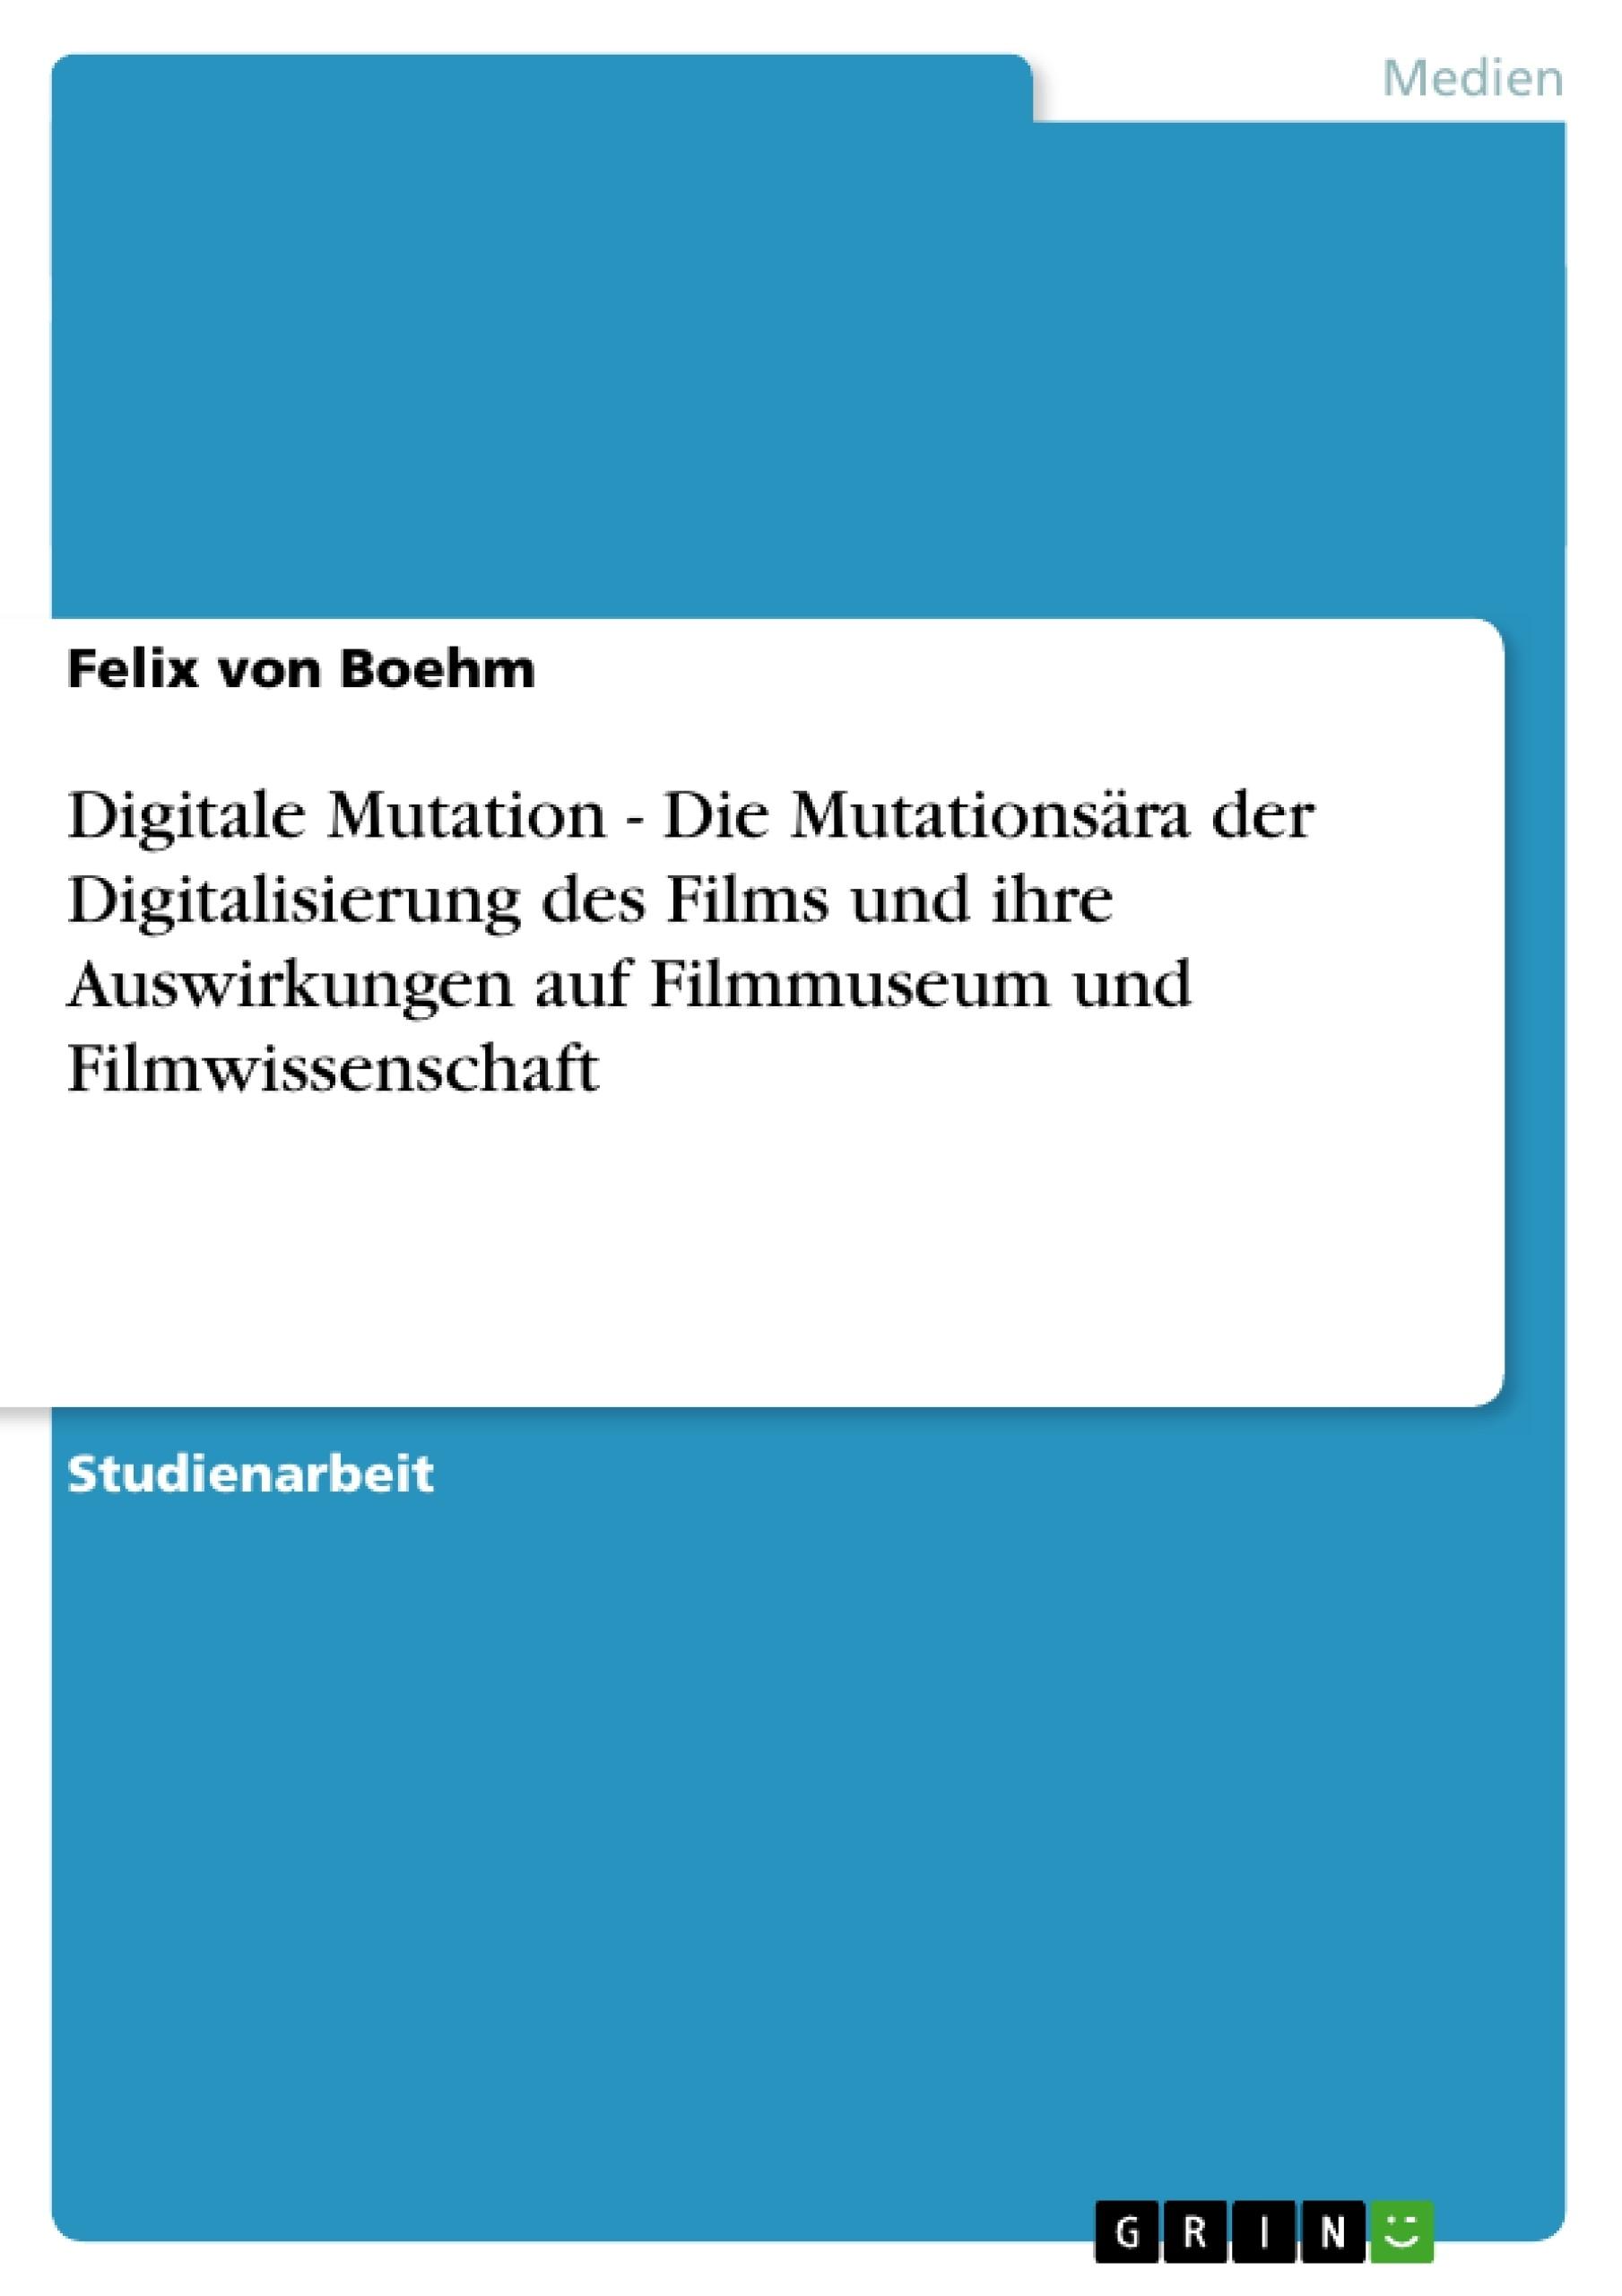 Titel: Digitale Mutation - Die Mutationsära der Digitalisierung des Films und ihre Auswirkungen auf Filmmuseum und Filmwissenschaft